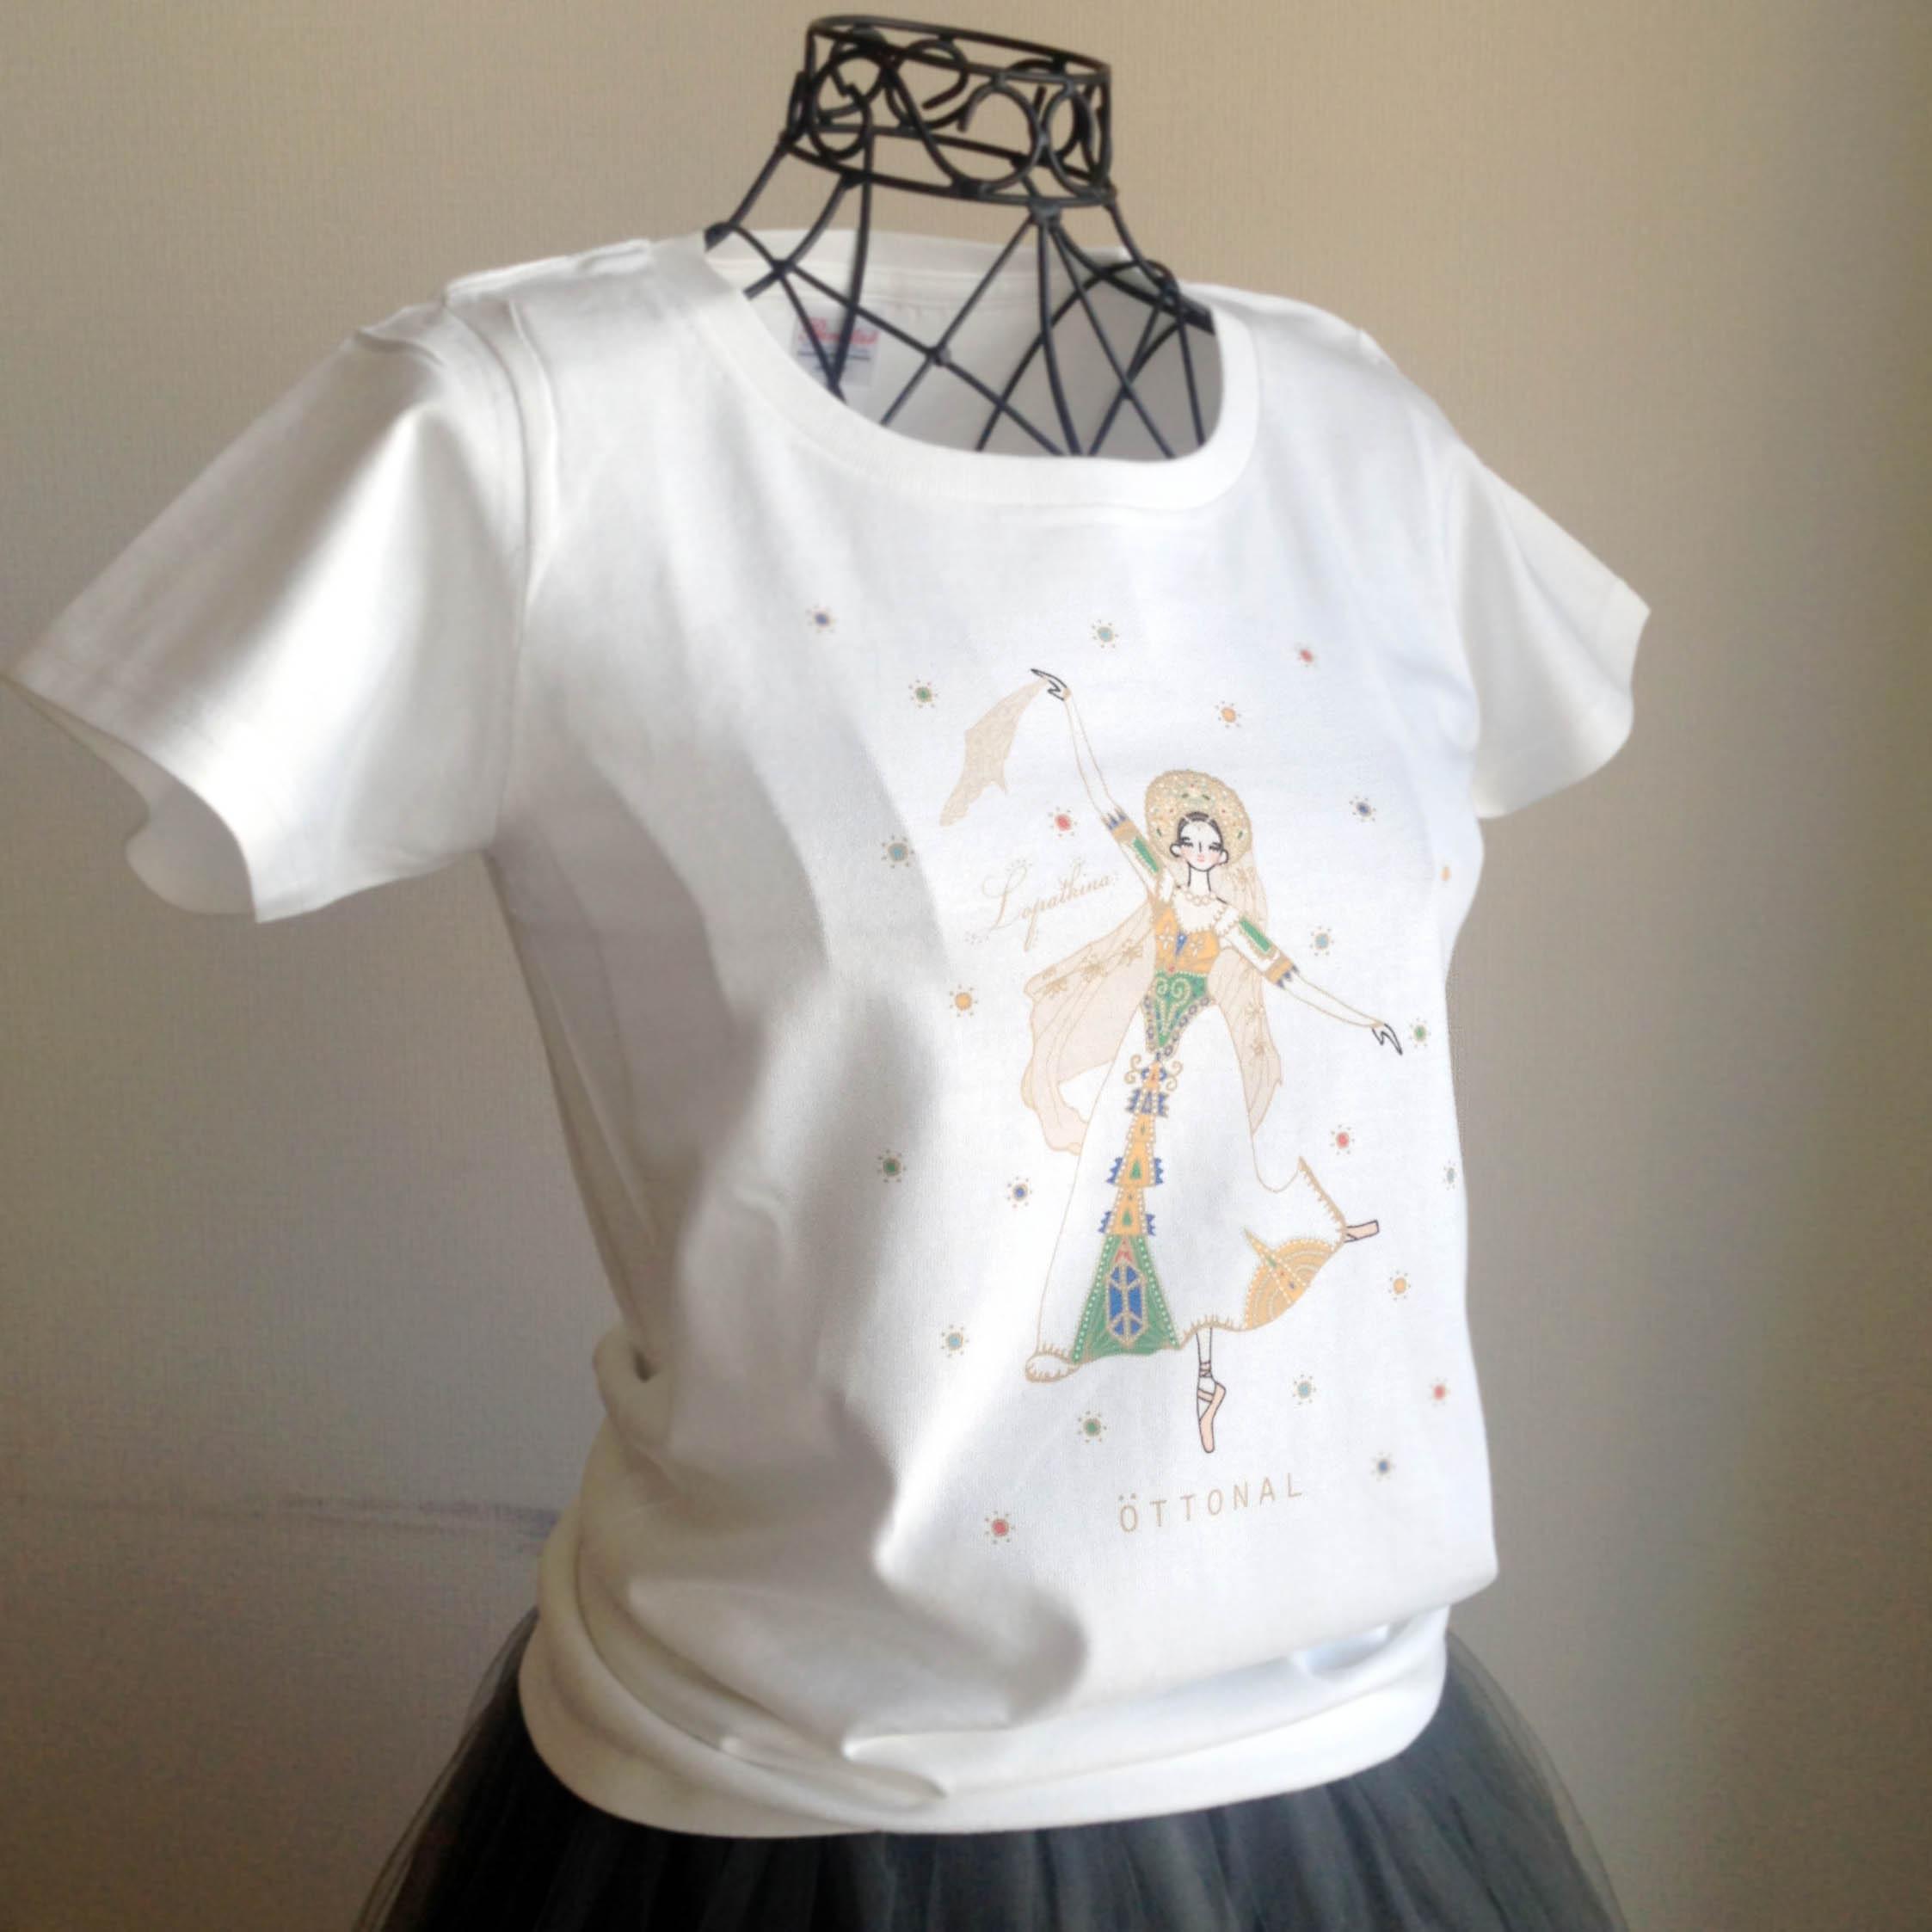 (即日発送・在庫残りわずか)★ロパートキナコラボ★ ロシアの踊りTシャツ(レディース) - 画像3